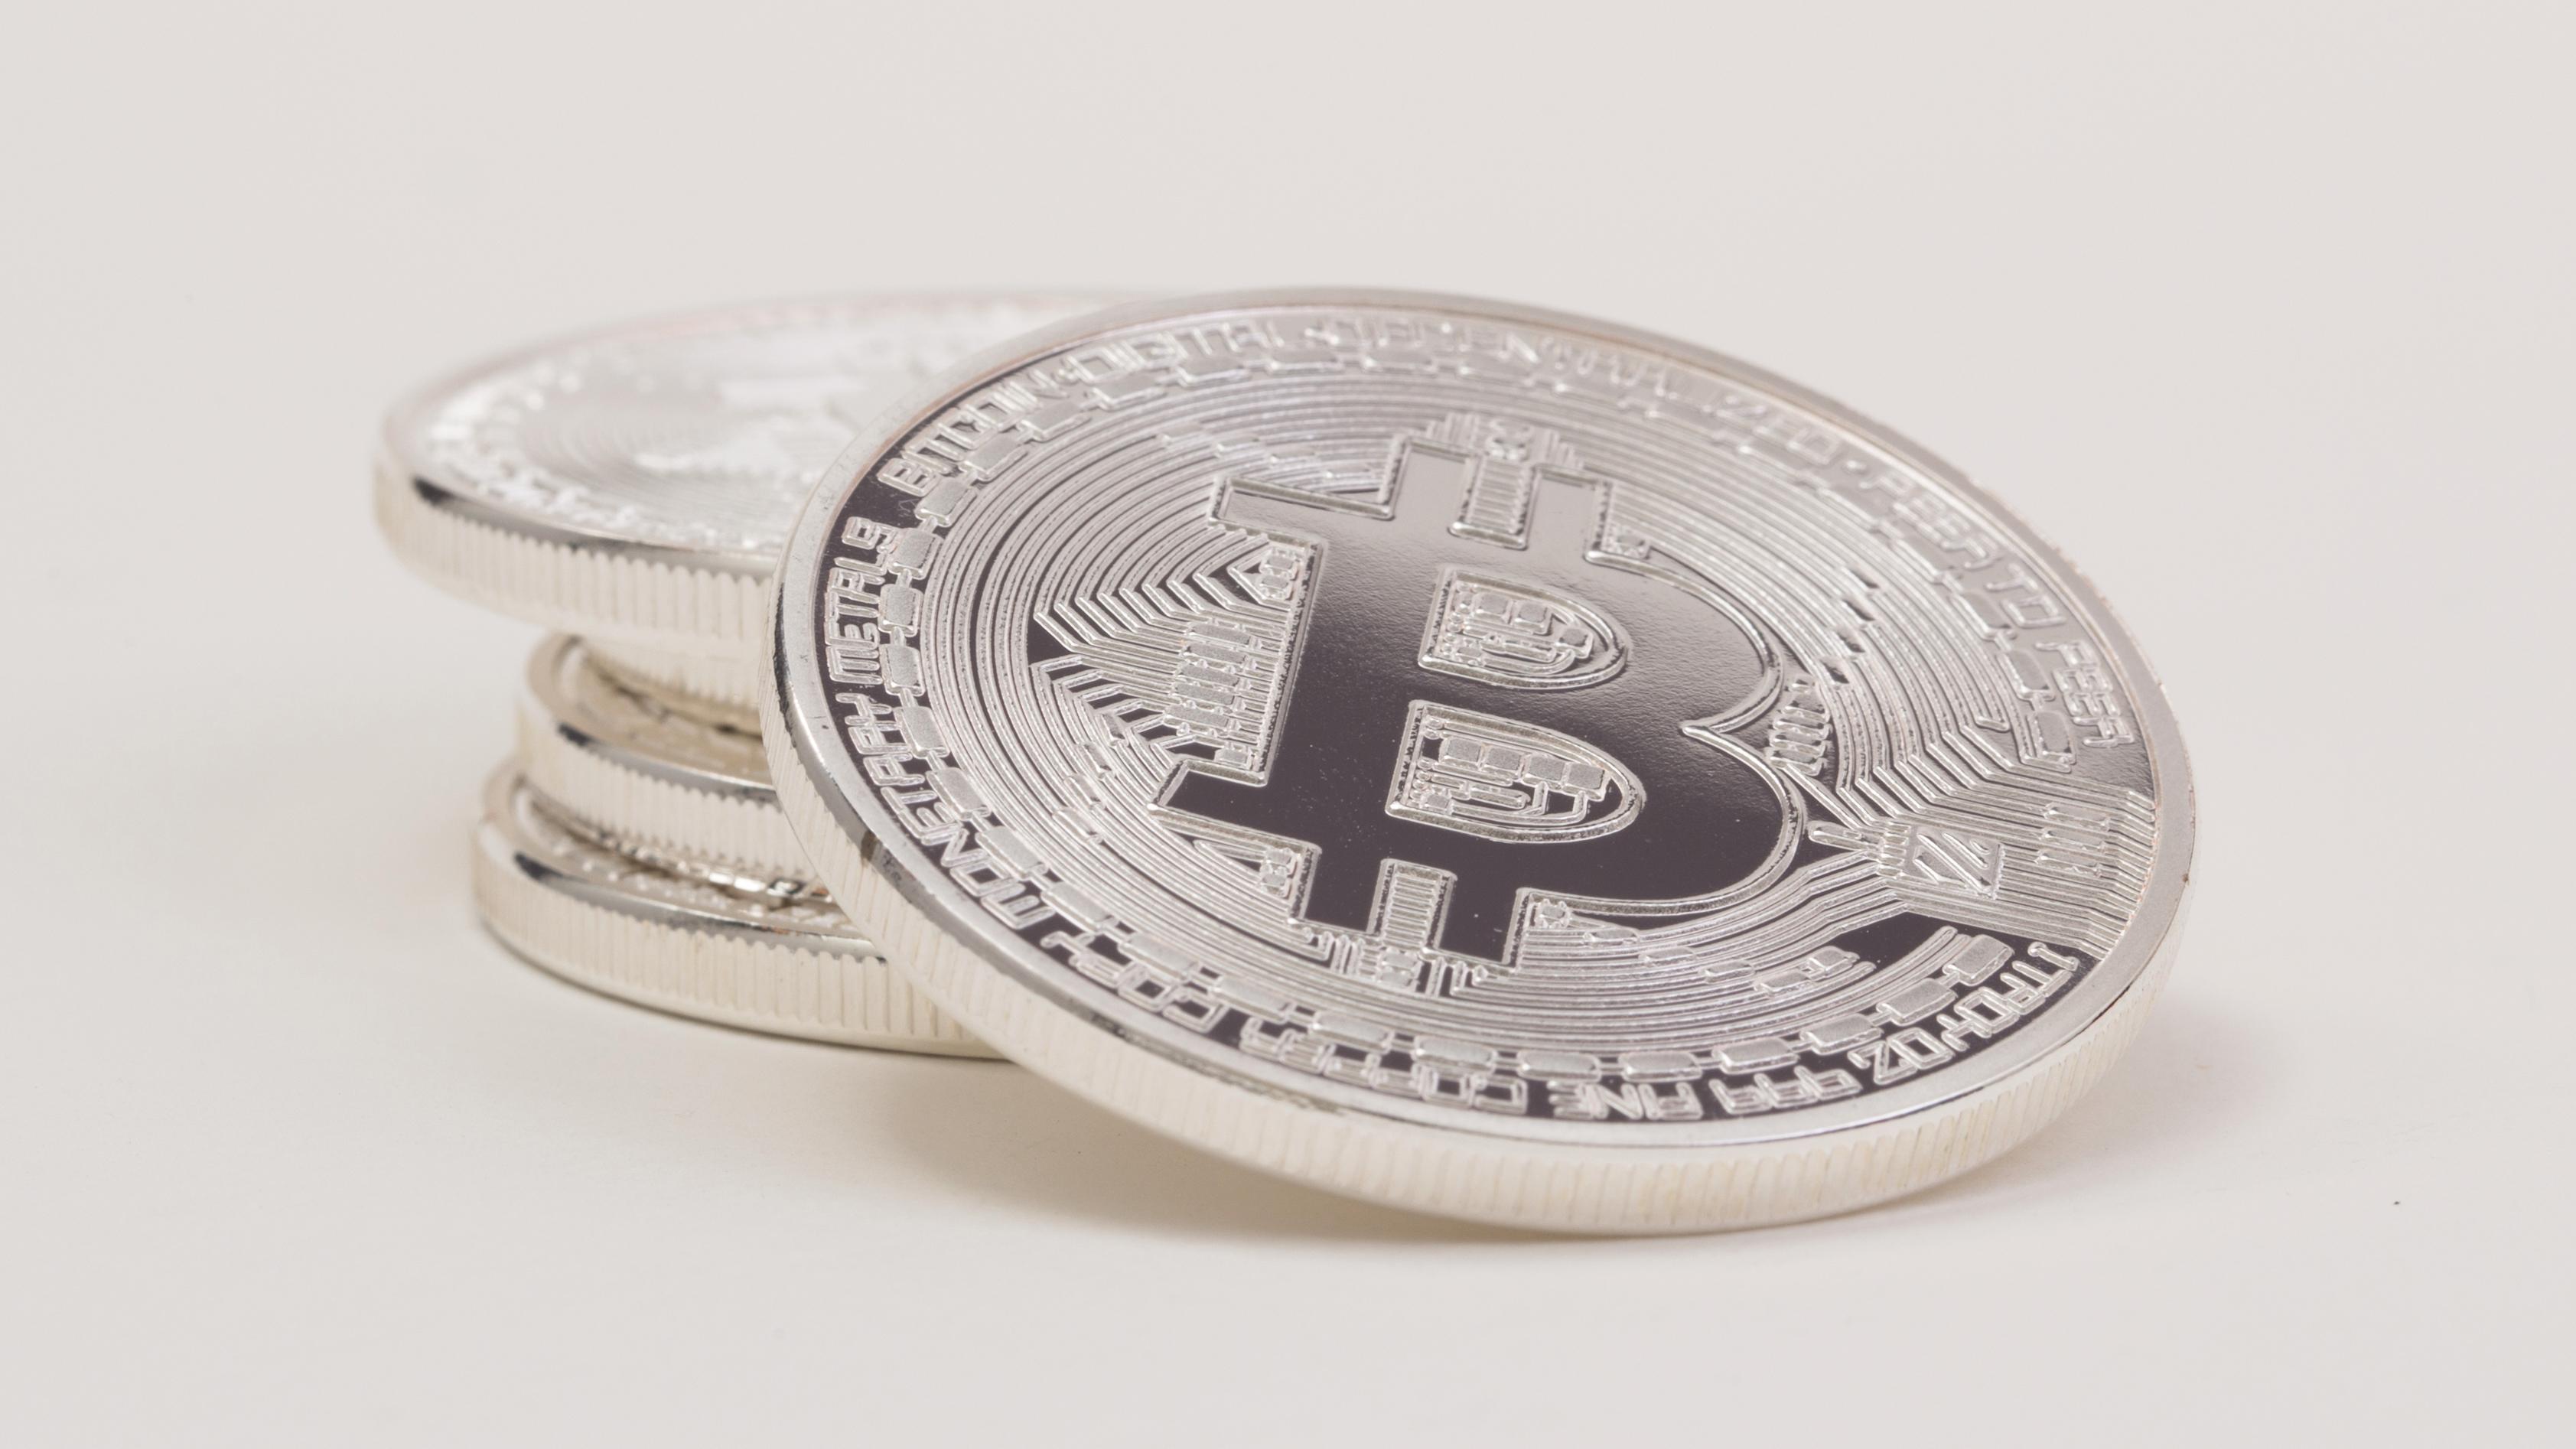 Dette er prisen på å utvinne én bitcoin i Norge